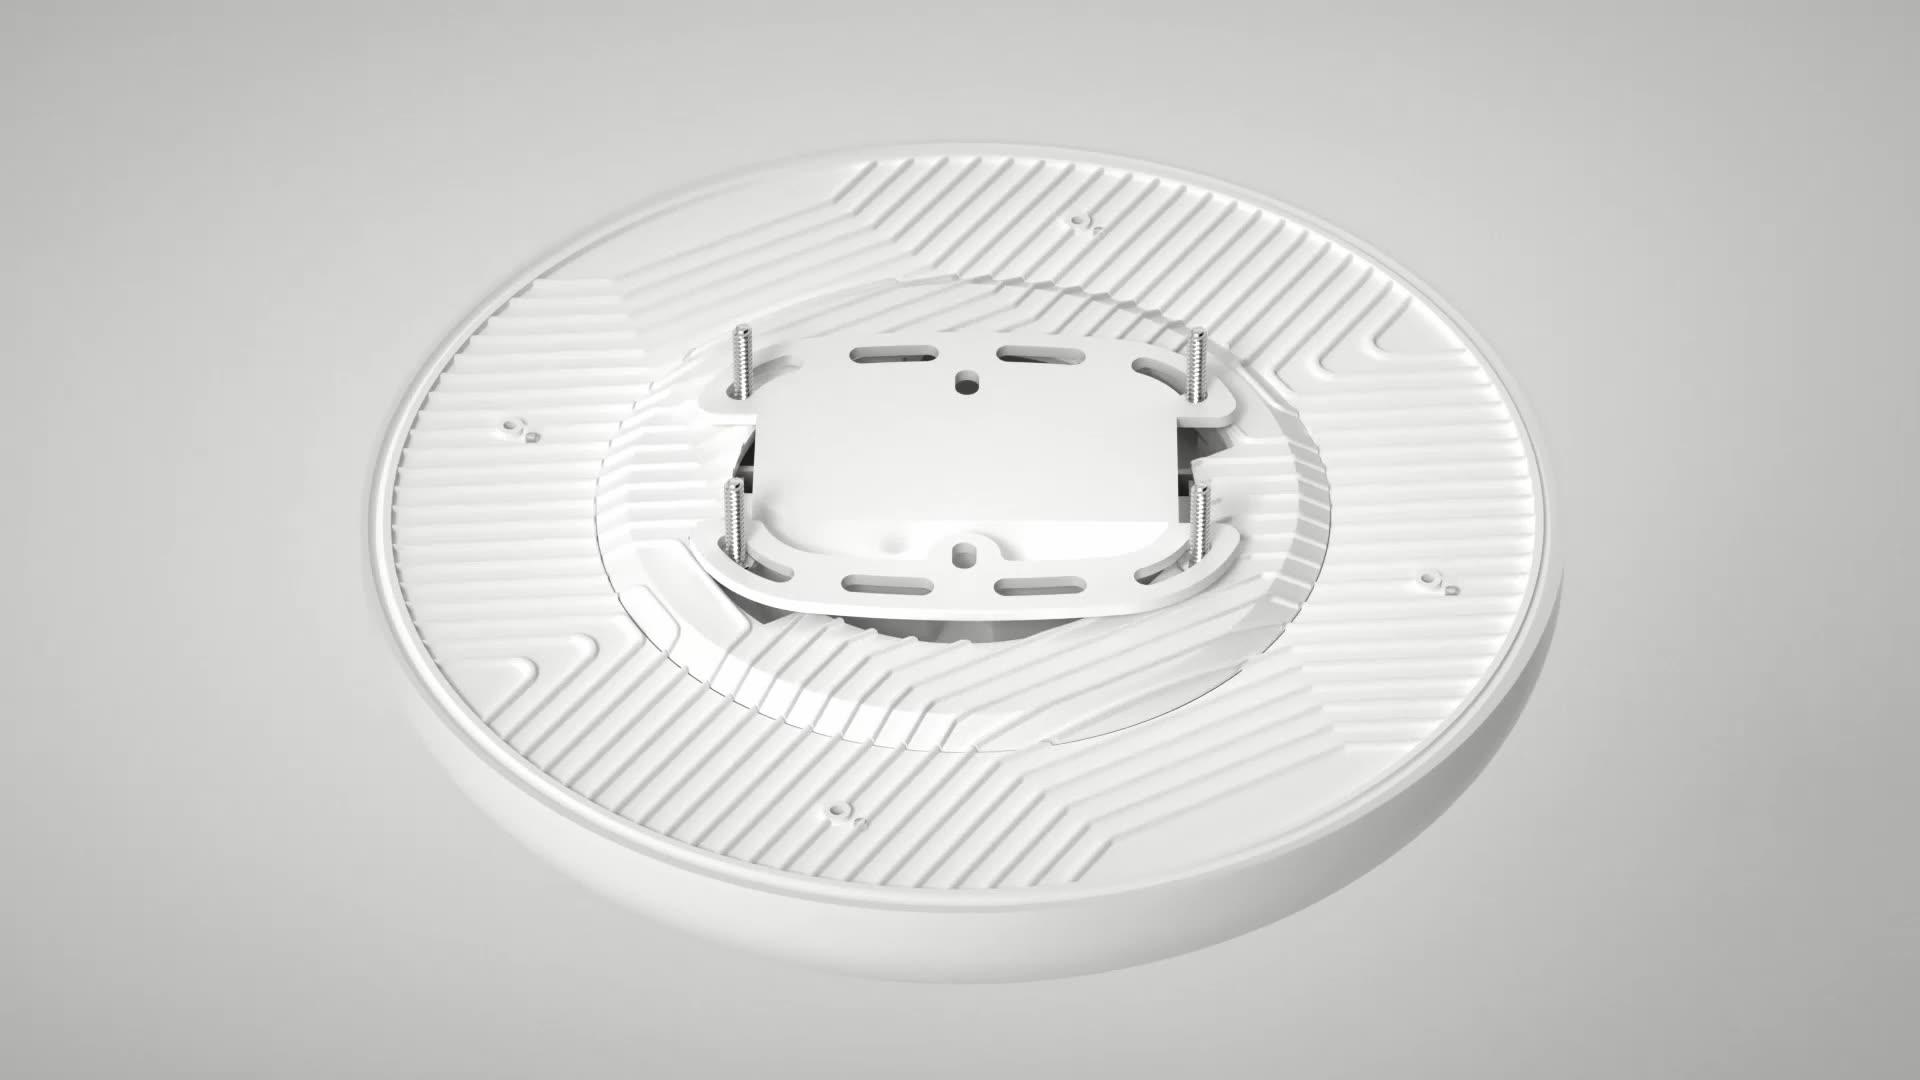 התקנה קלה led תקרת אור צמודי 36w led תקרת אור עם TUV CB CE פטנט